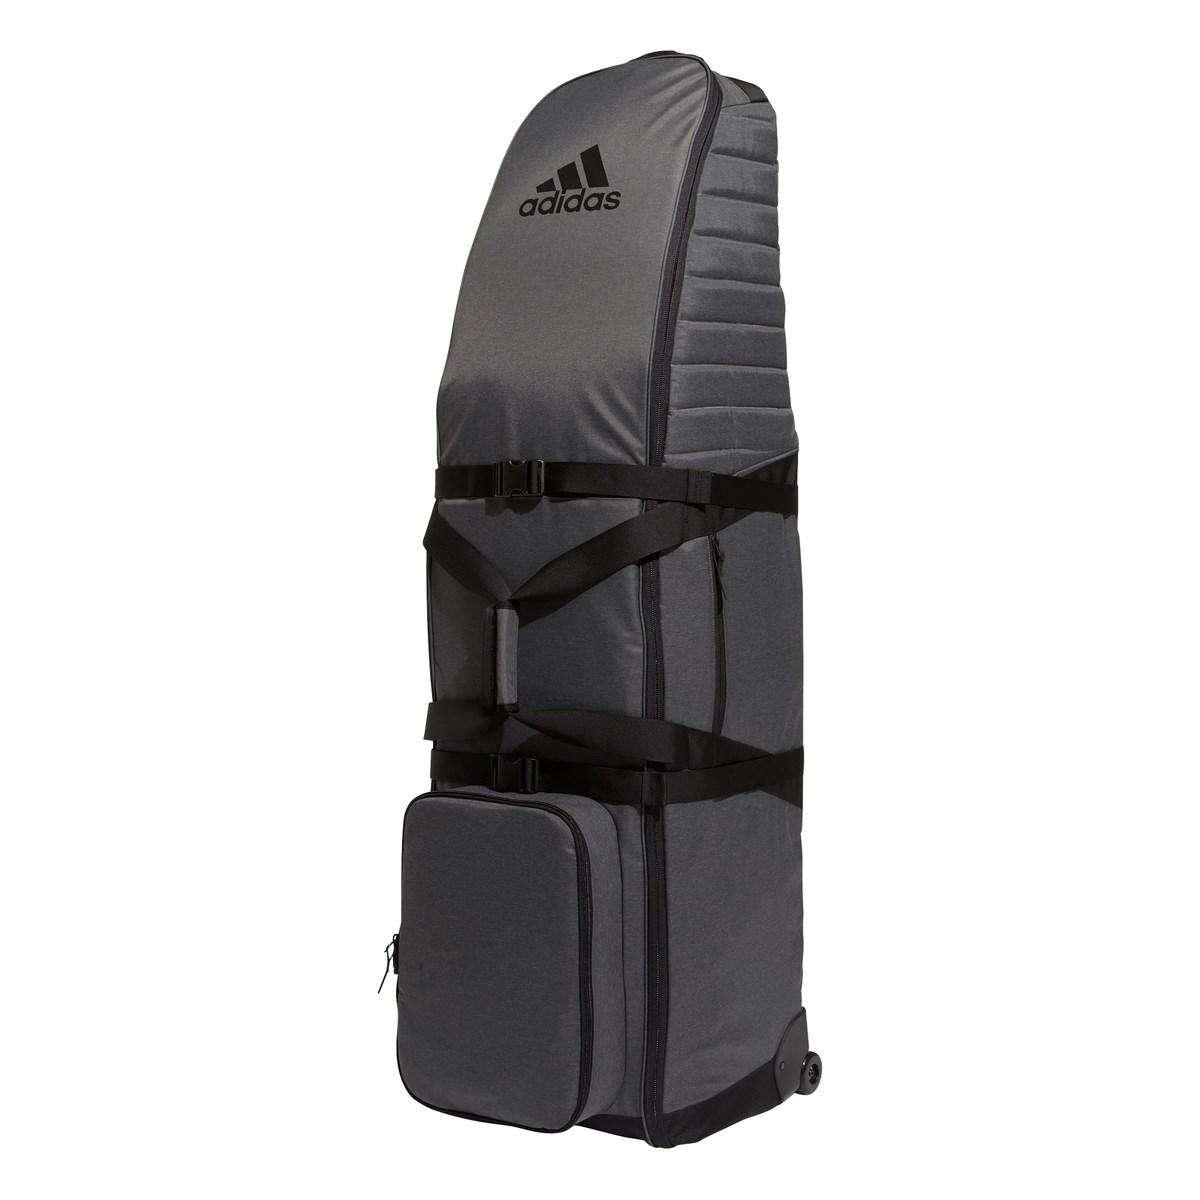 アディダス Adidas トラベルキャディバッグキャリーケース ダークグレイヘザー